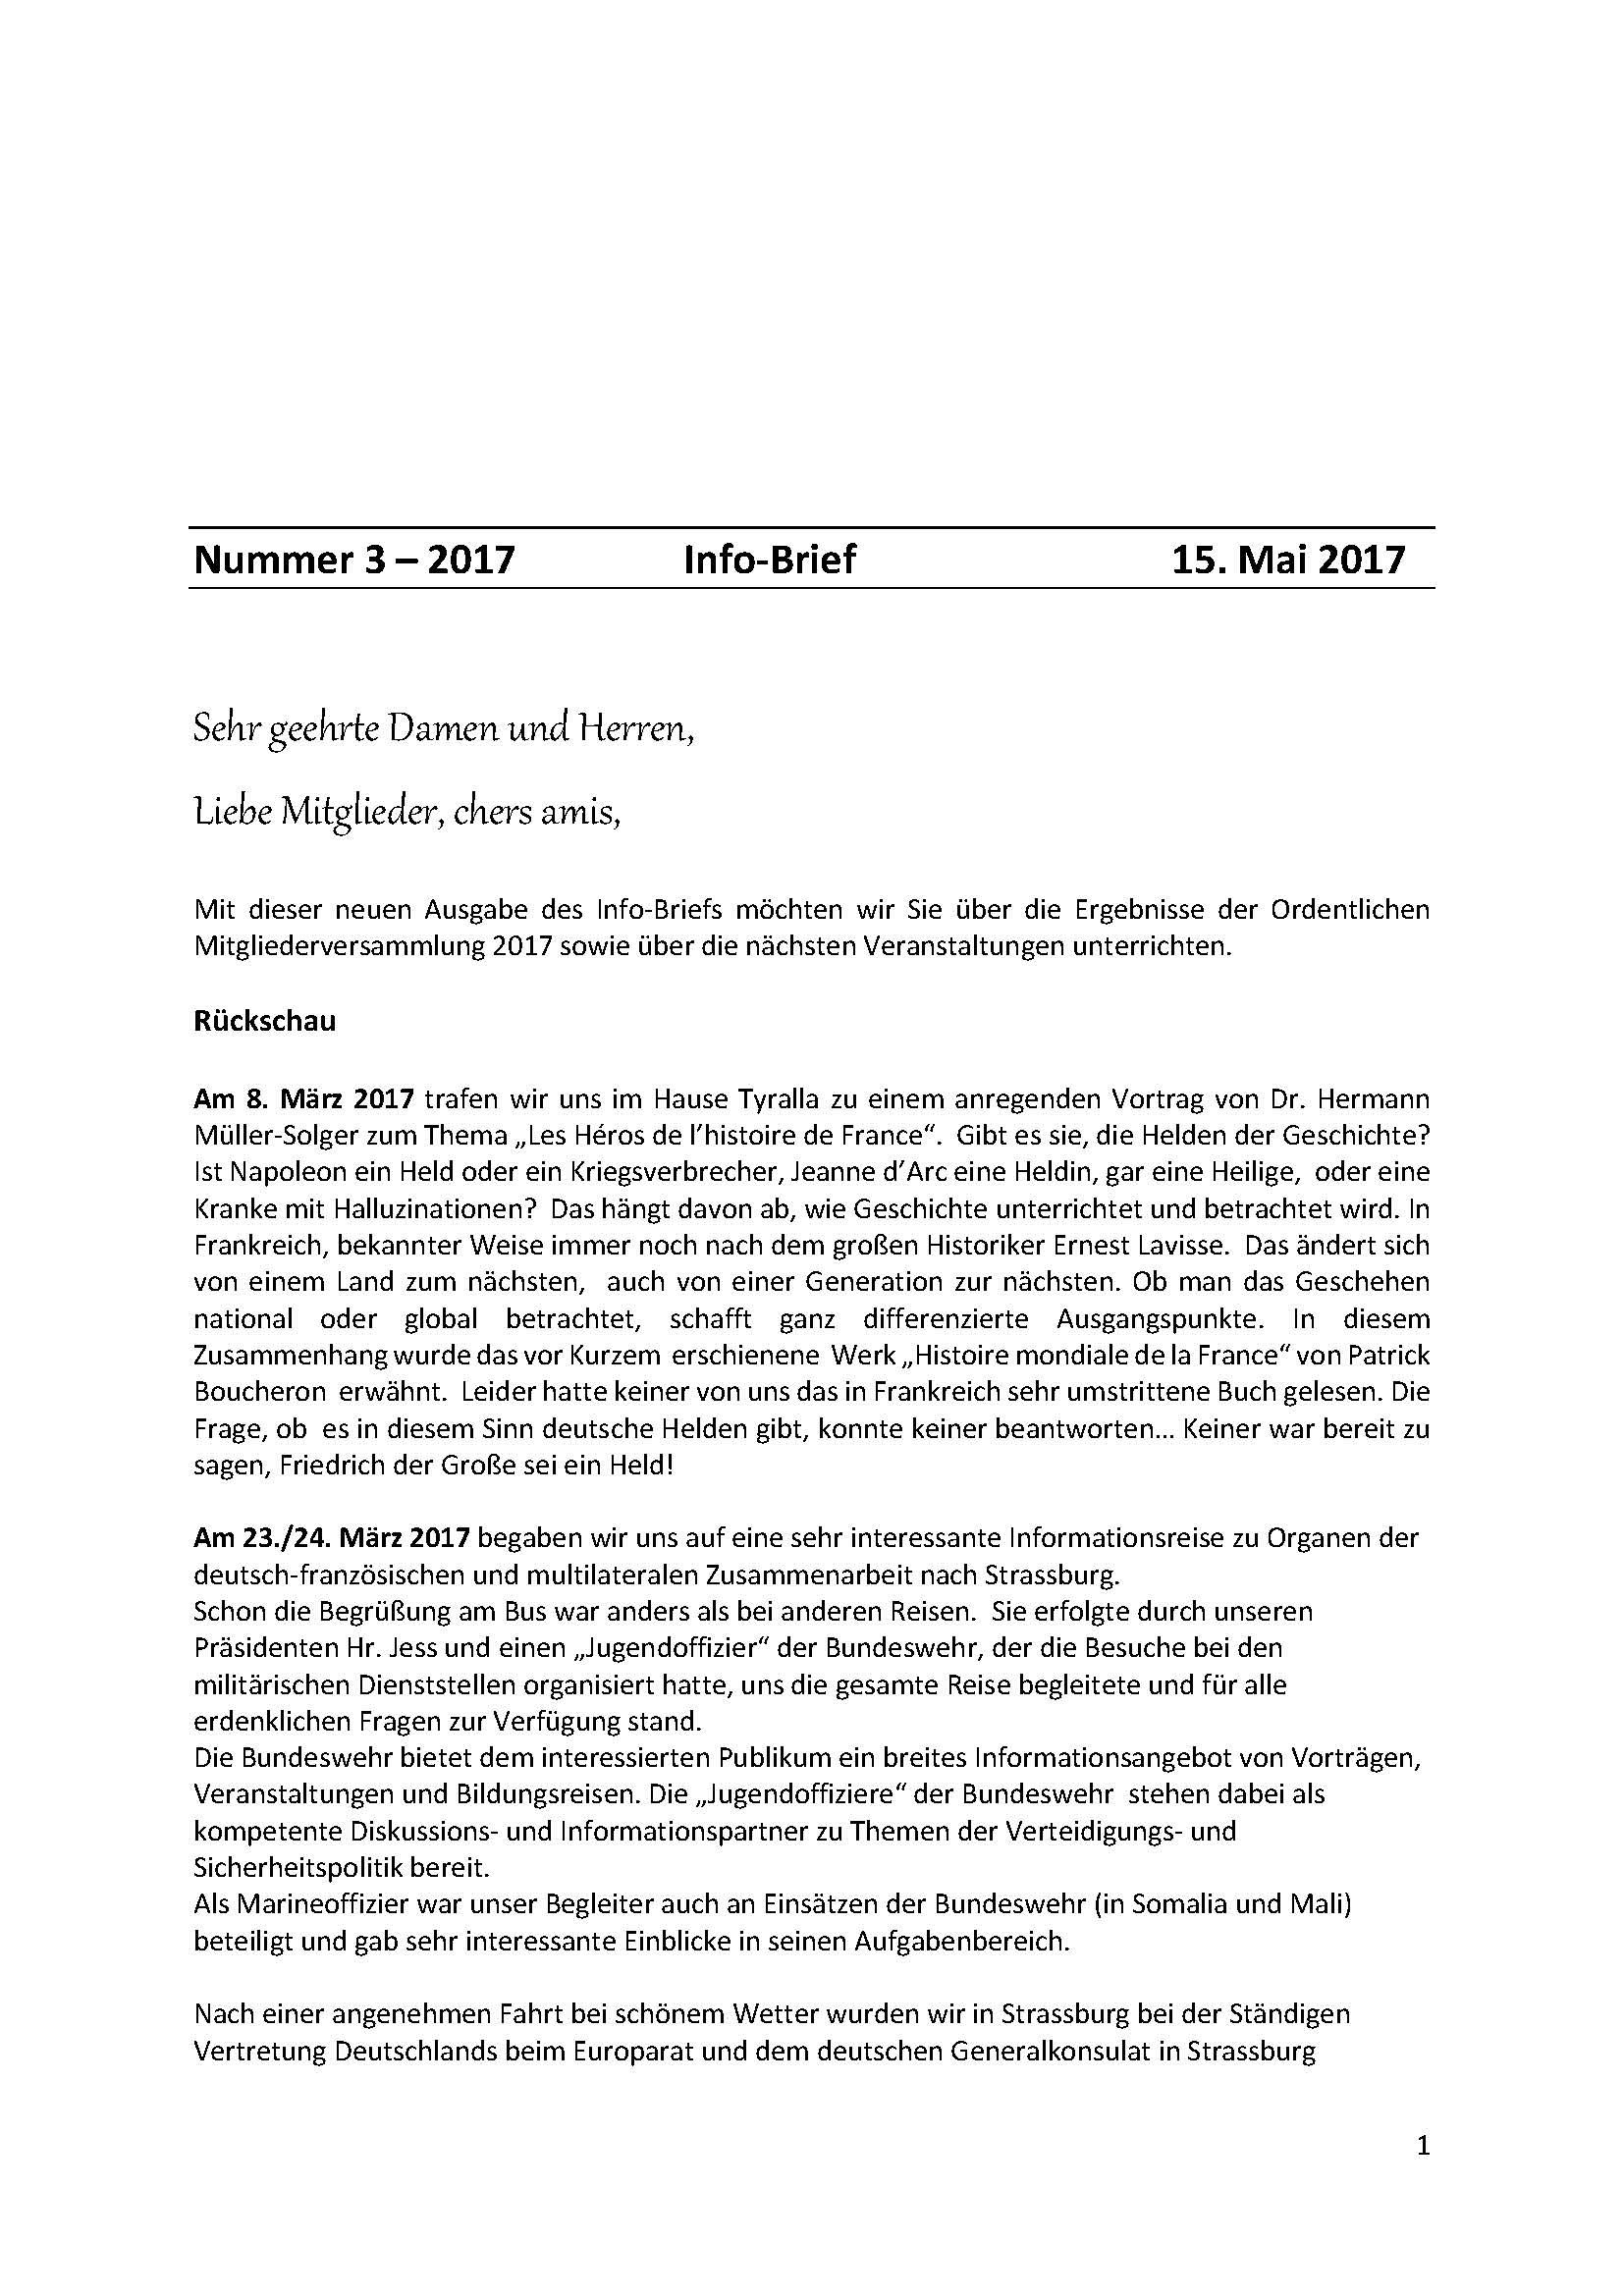 Infobrief 2017 3 Deutsch Französische Gesellschaft Bonn Und Rhein